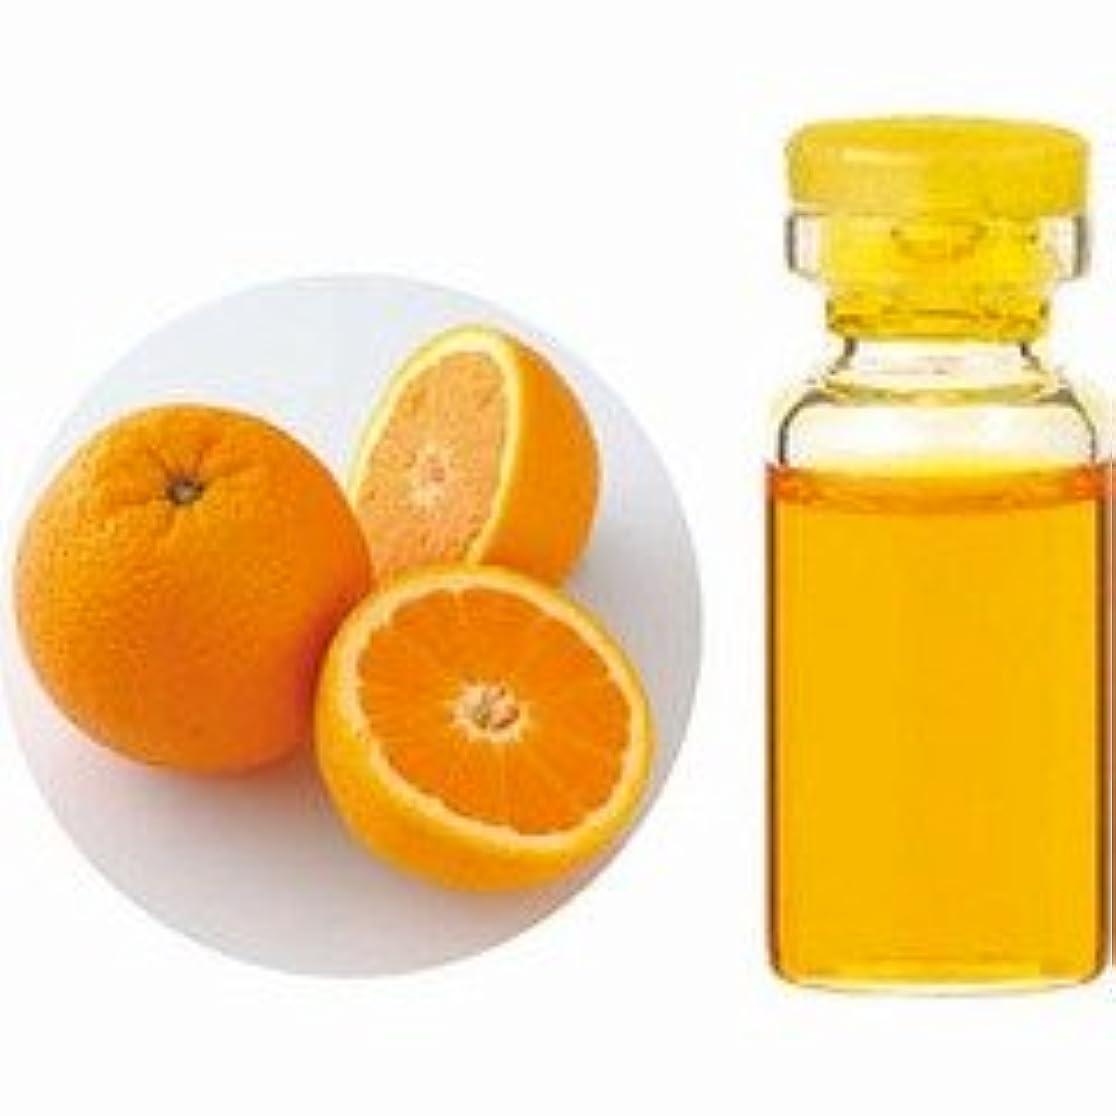 知っているに立ち寄る進化する知り合いになるエッセンシャルオイル(精油) オレンジスイート 10ml 【生活の木】